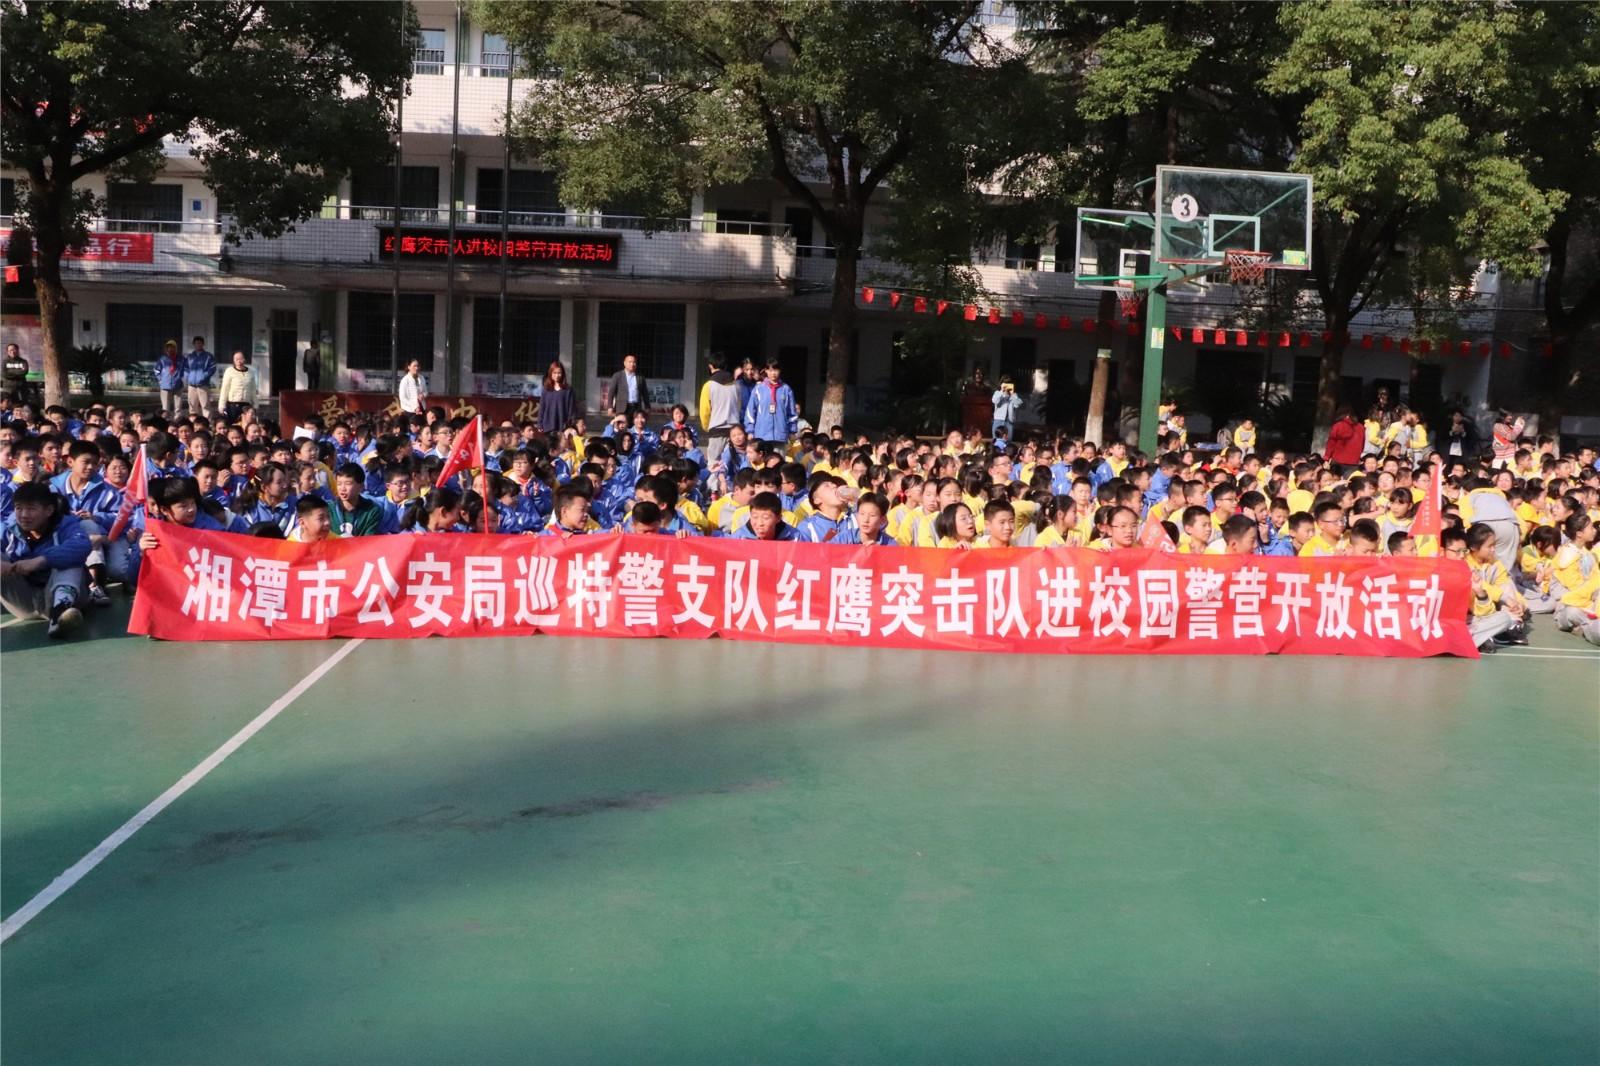 致敬最帅的你们 ——记湘潭市公安局特巡警支队红鹰突击队进校园警营开放活动